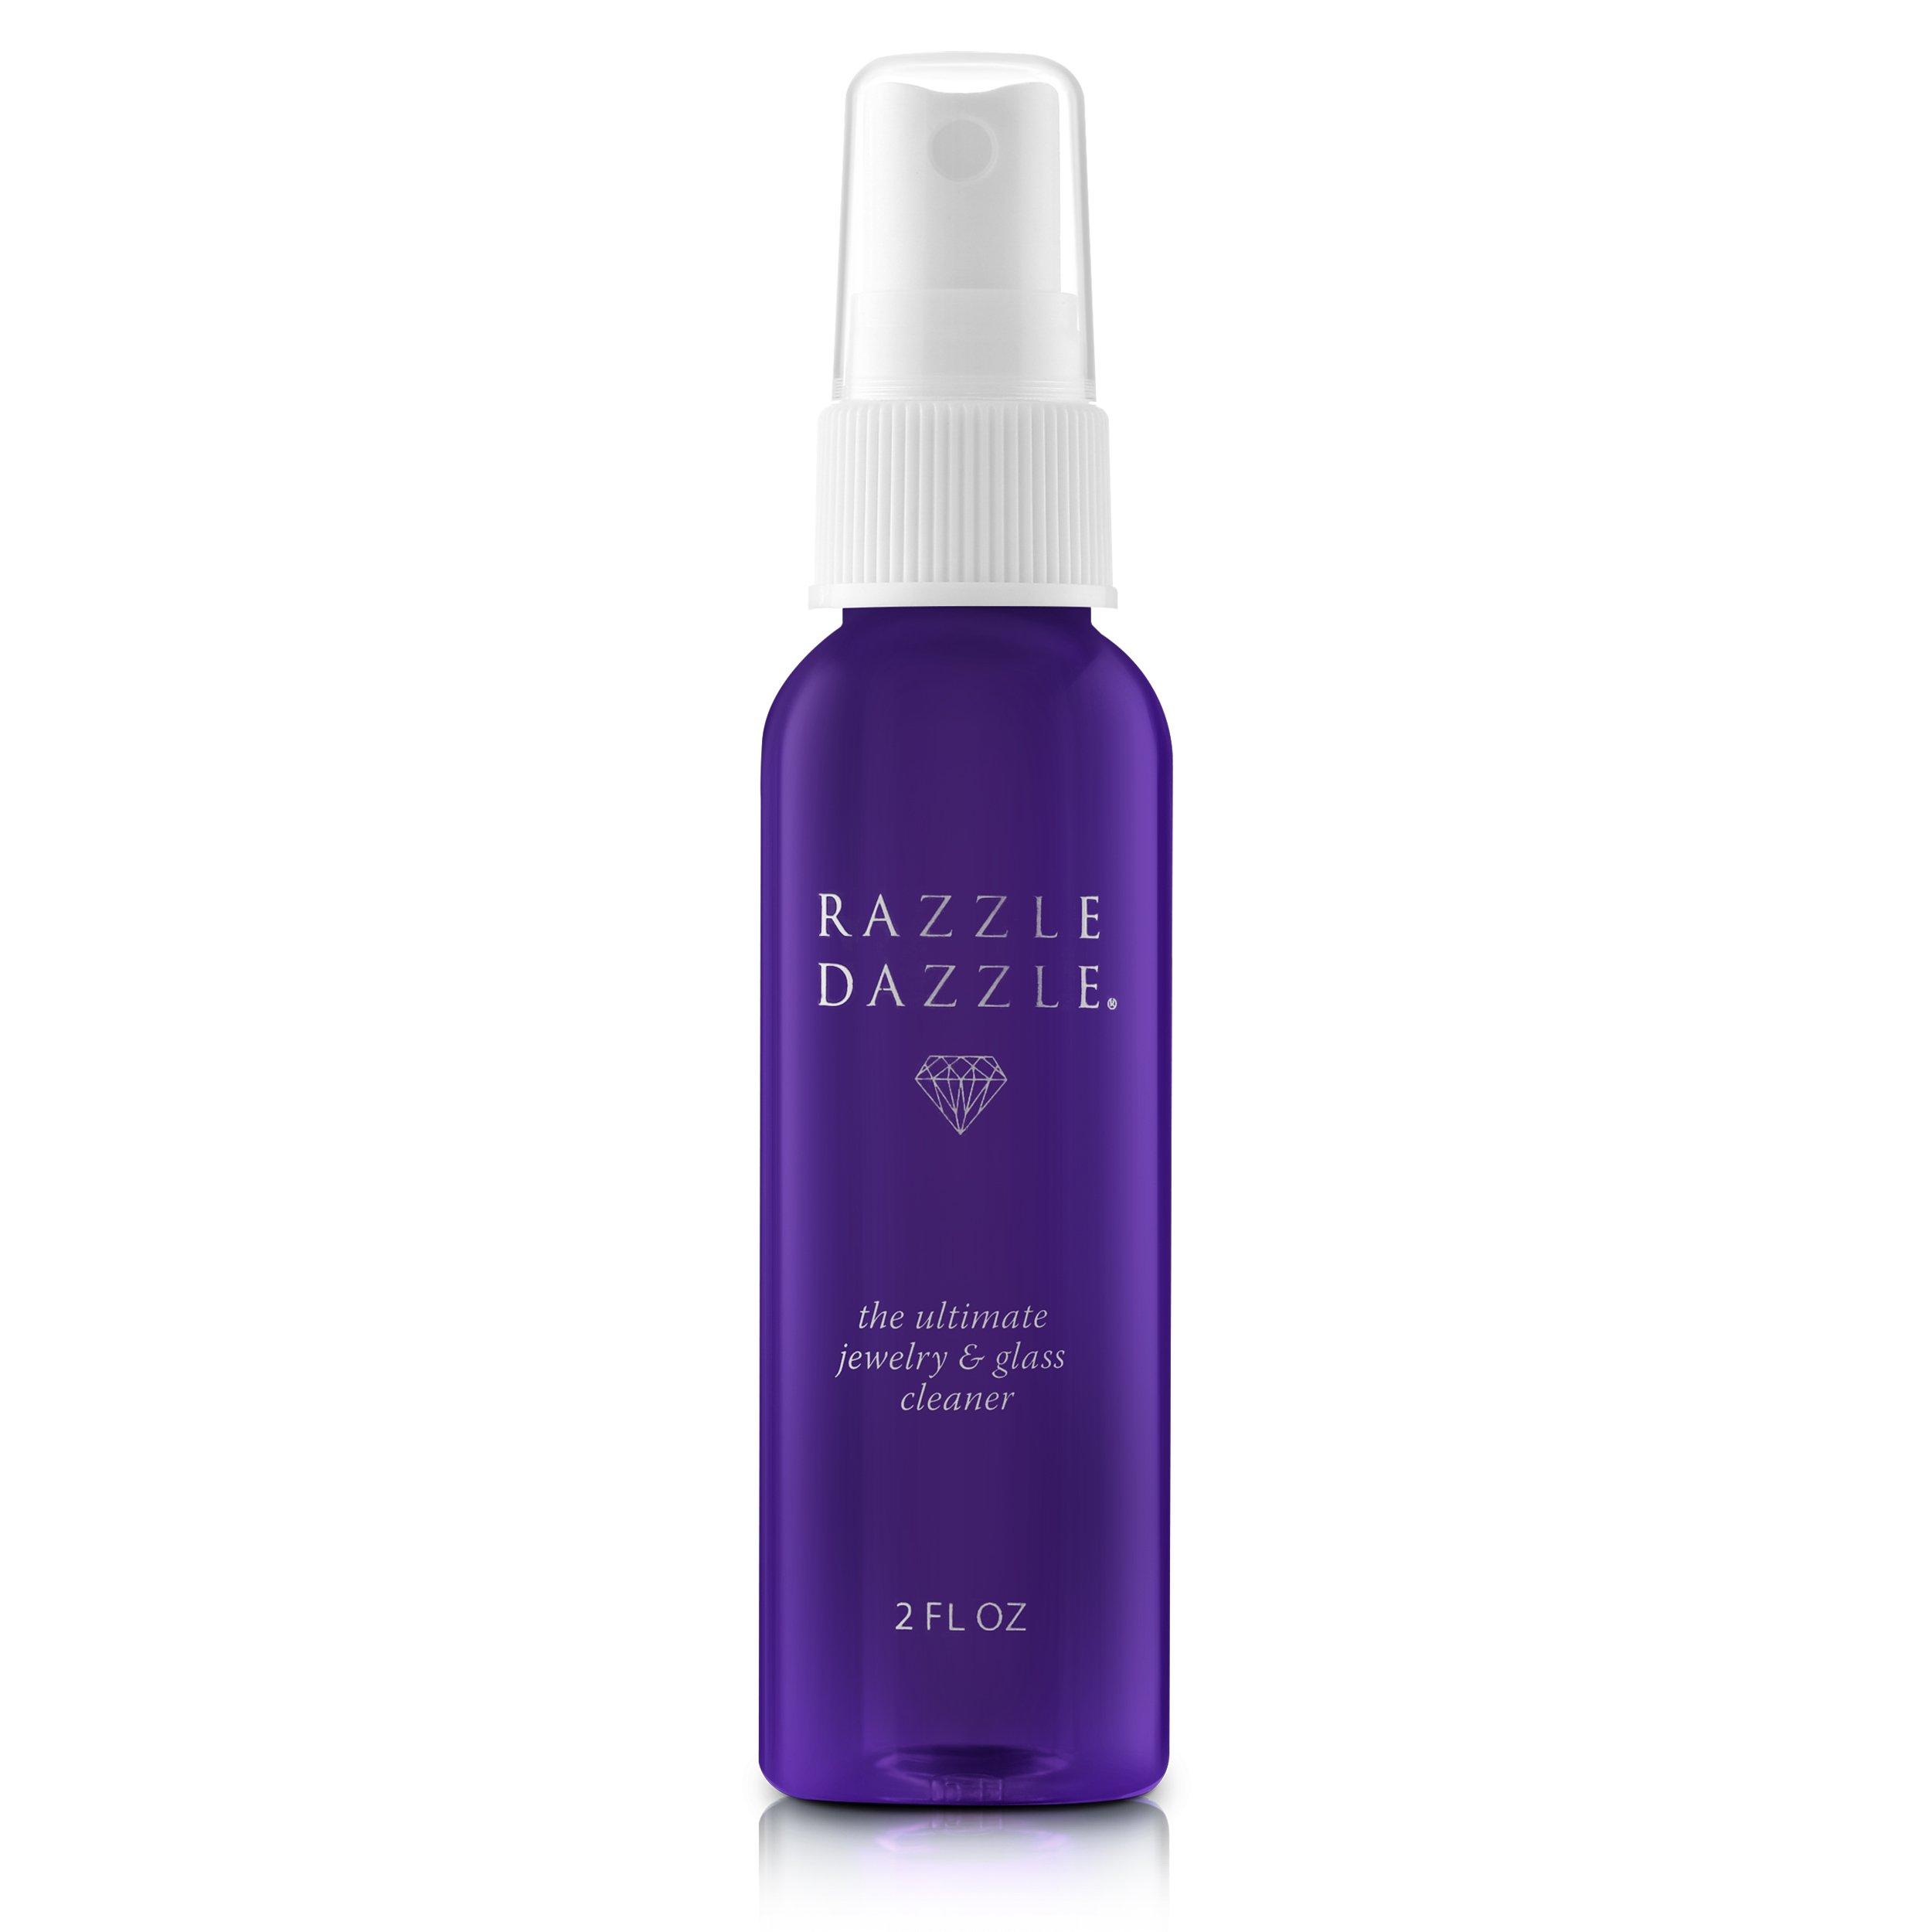 Razzle Dazzle Jewelry, Watch & Glass Cleaner Travel Spray Bottle, 2 oz.